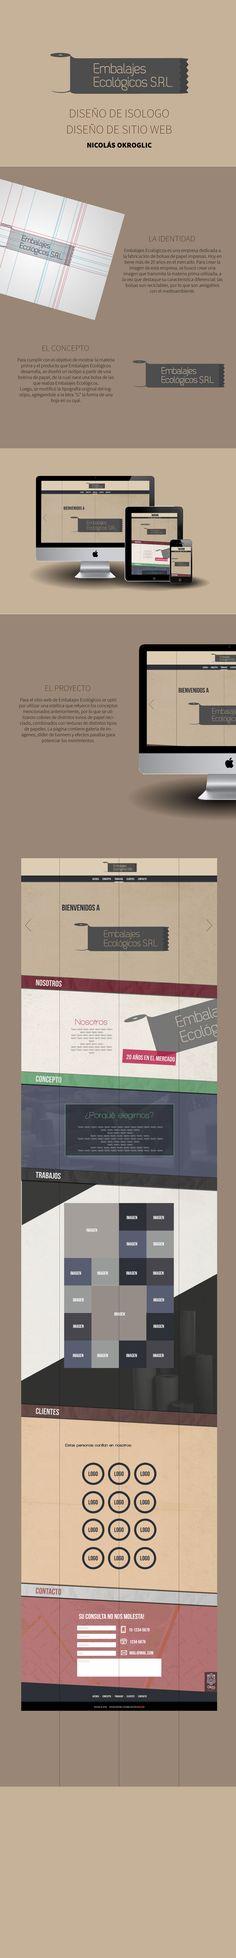 Identidad y Sitio Web para Embalajes Ecológicos.